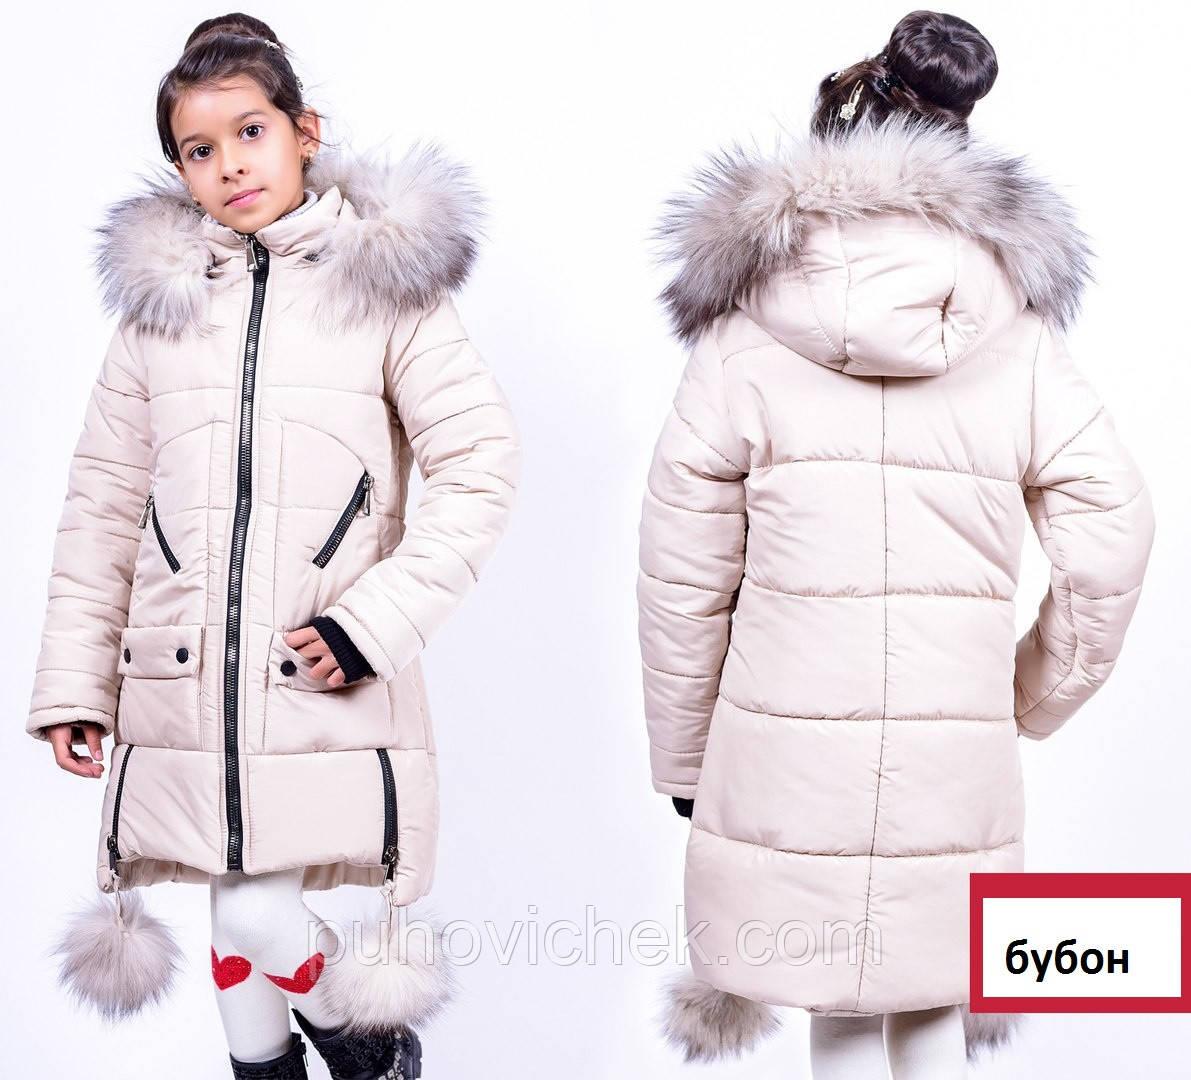 a7486c60424 Детские зимние куртки для девочек с натуральным мехом - Интернет магазин  Линия одежды в Харькове